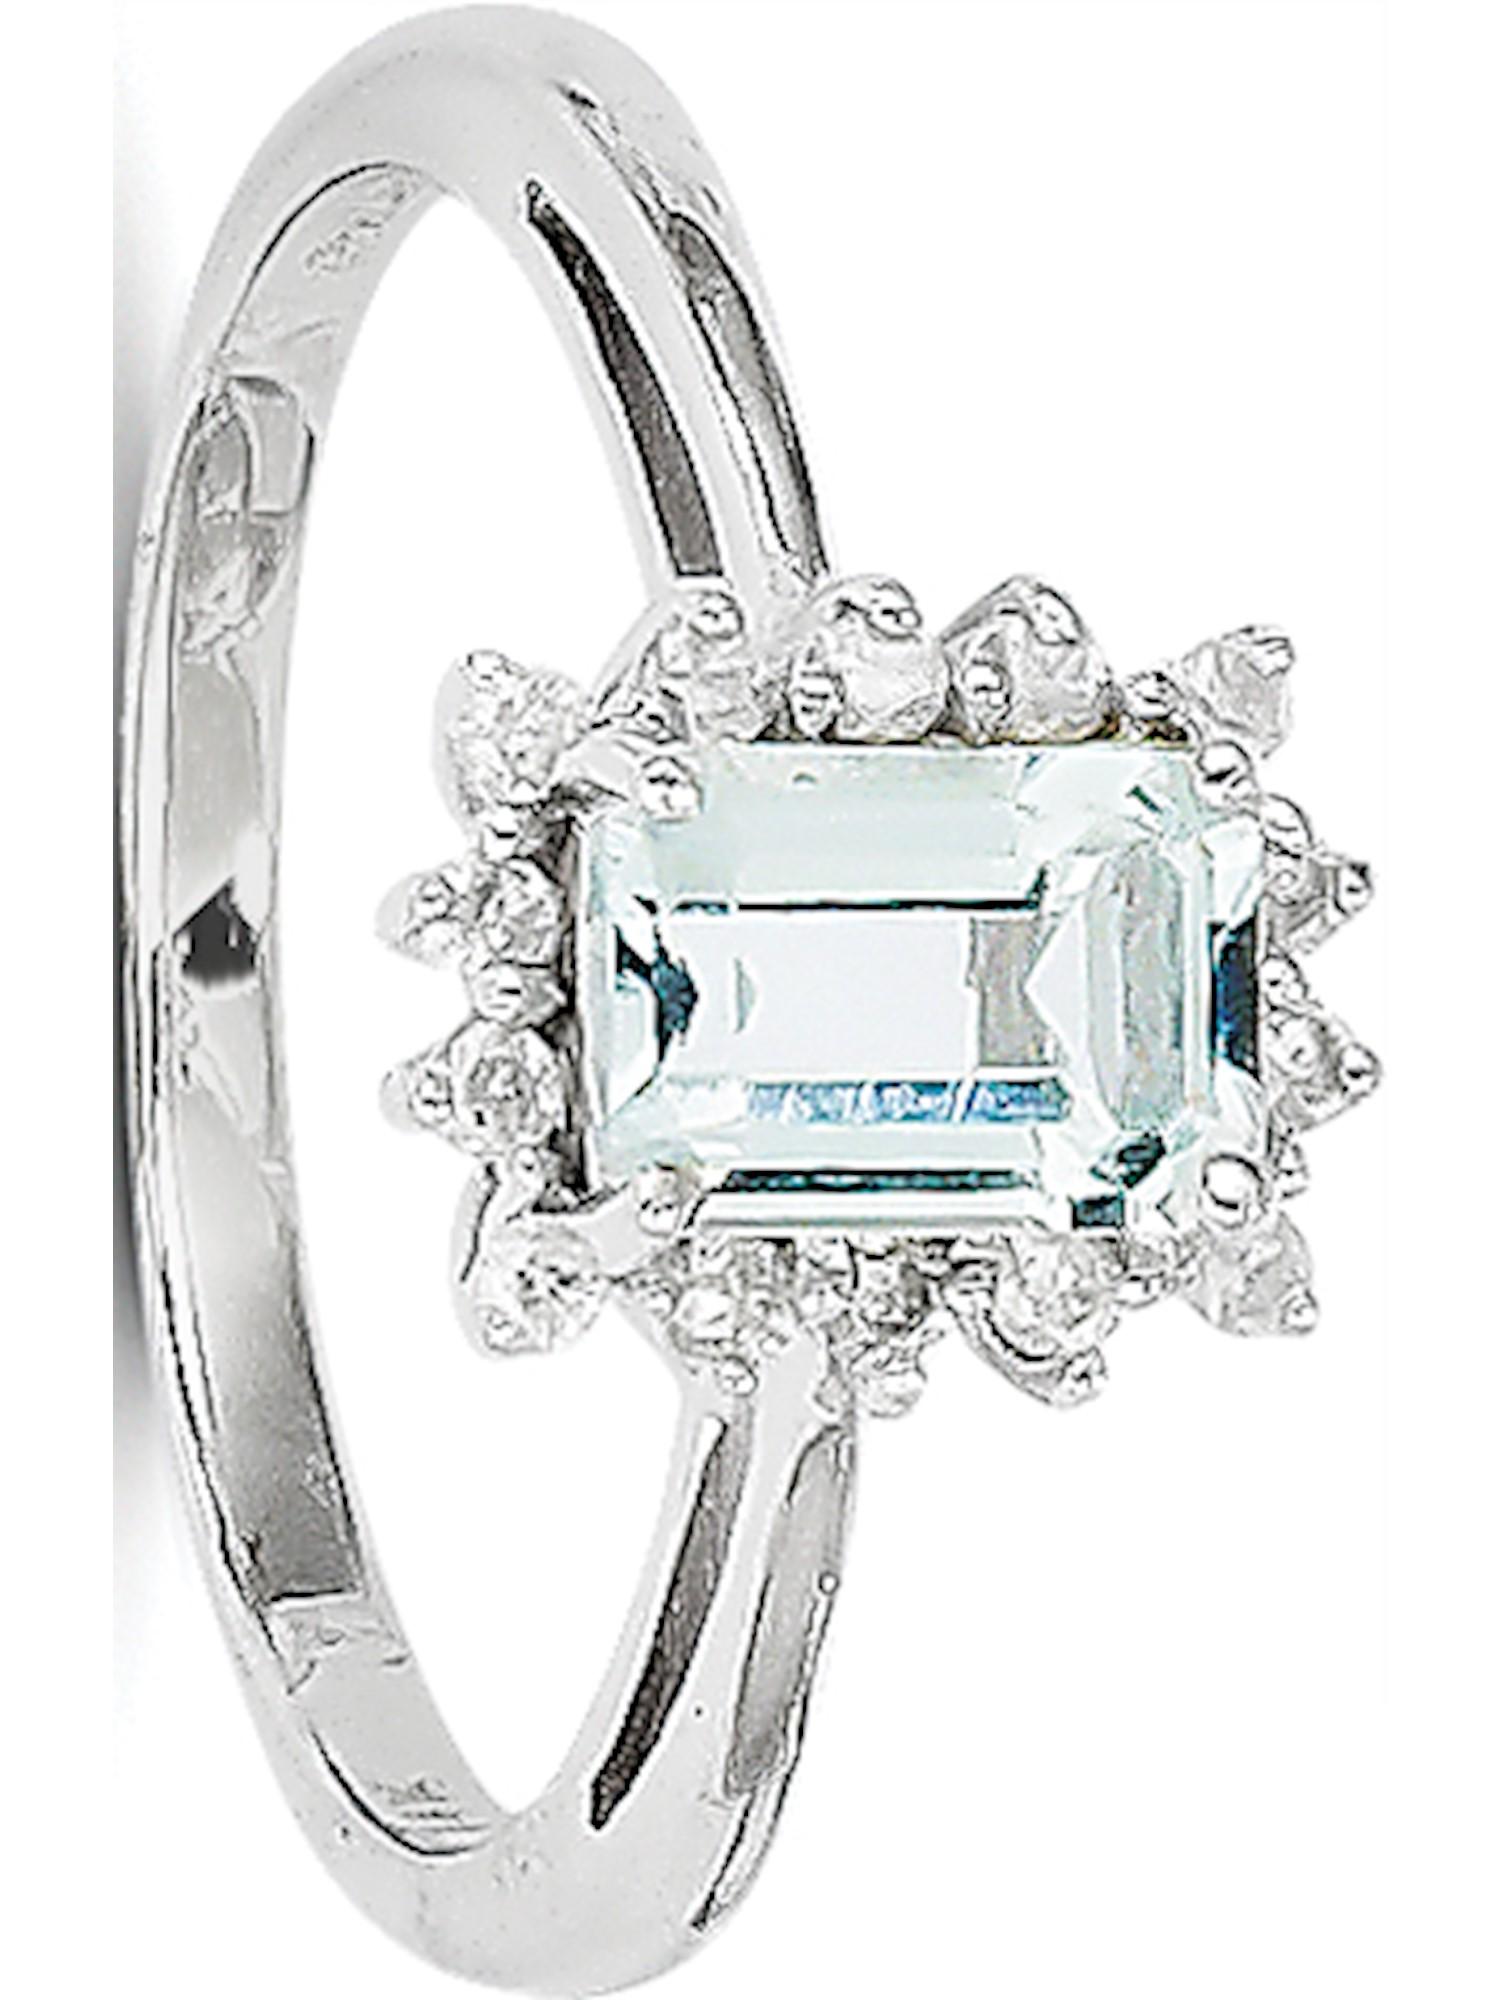 14k White Gold White Aquamarine and Diamond Ring by